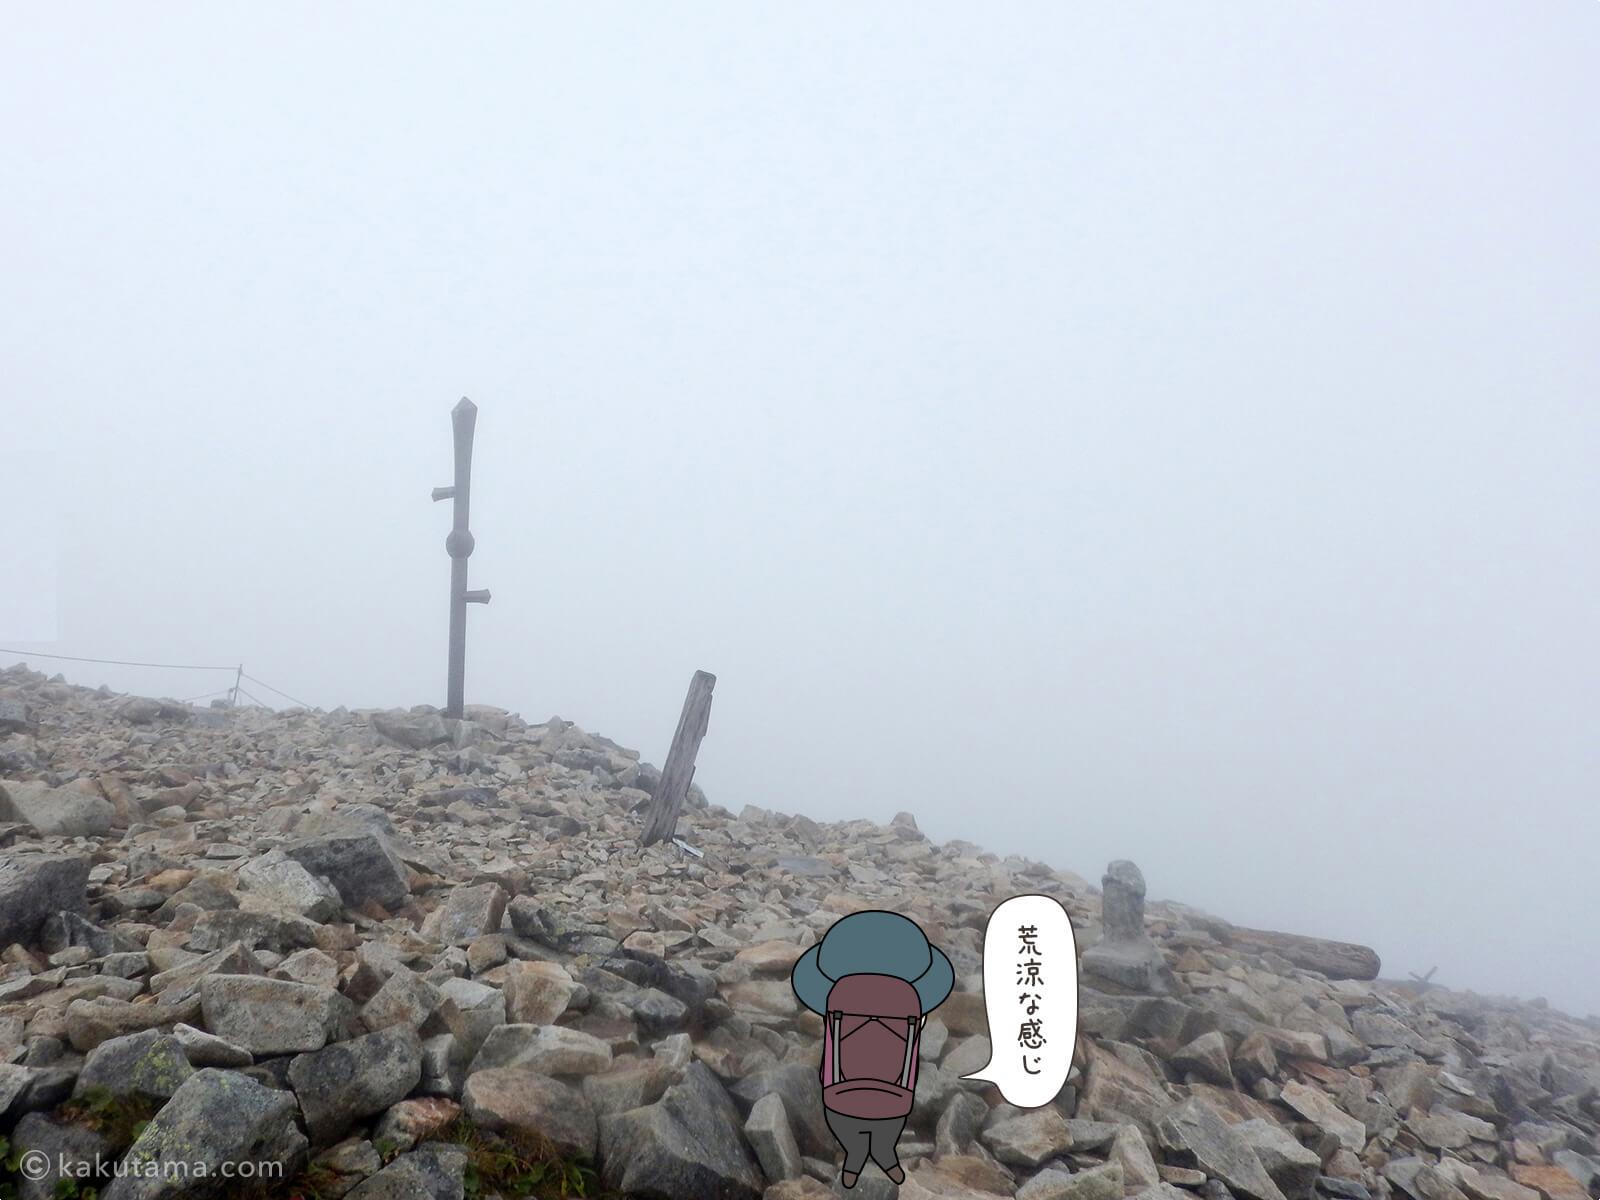 小蓮華山のシンボルが見えてきた